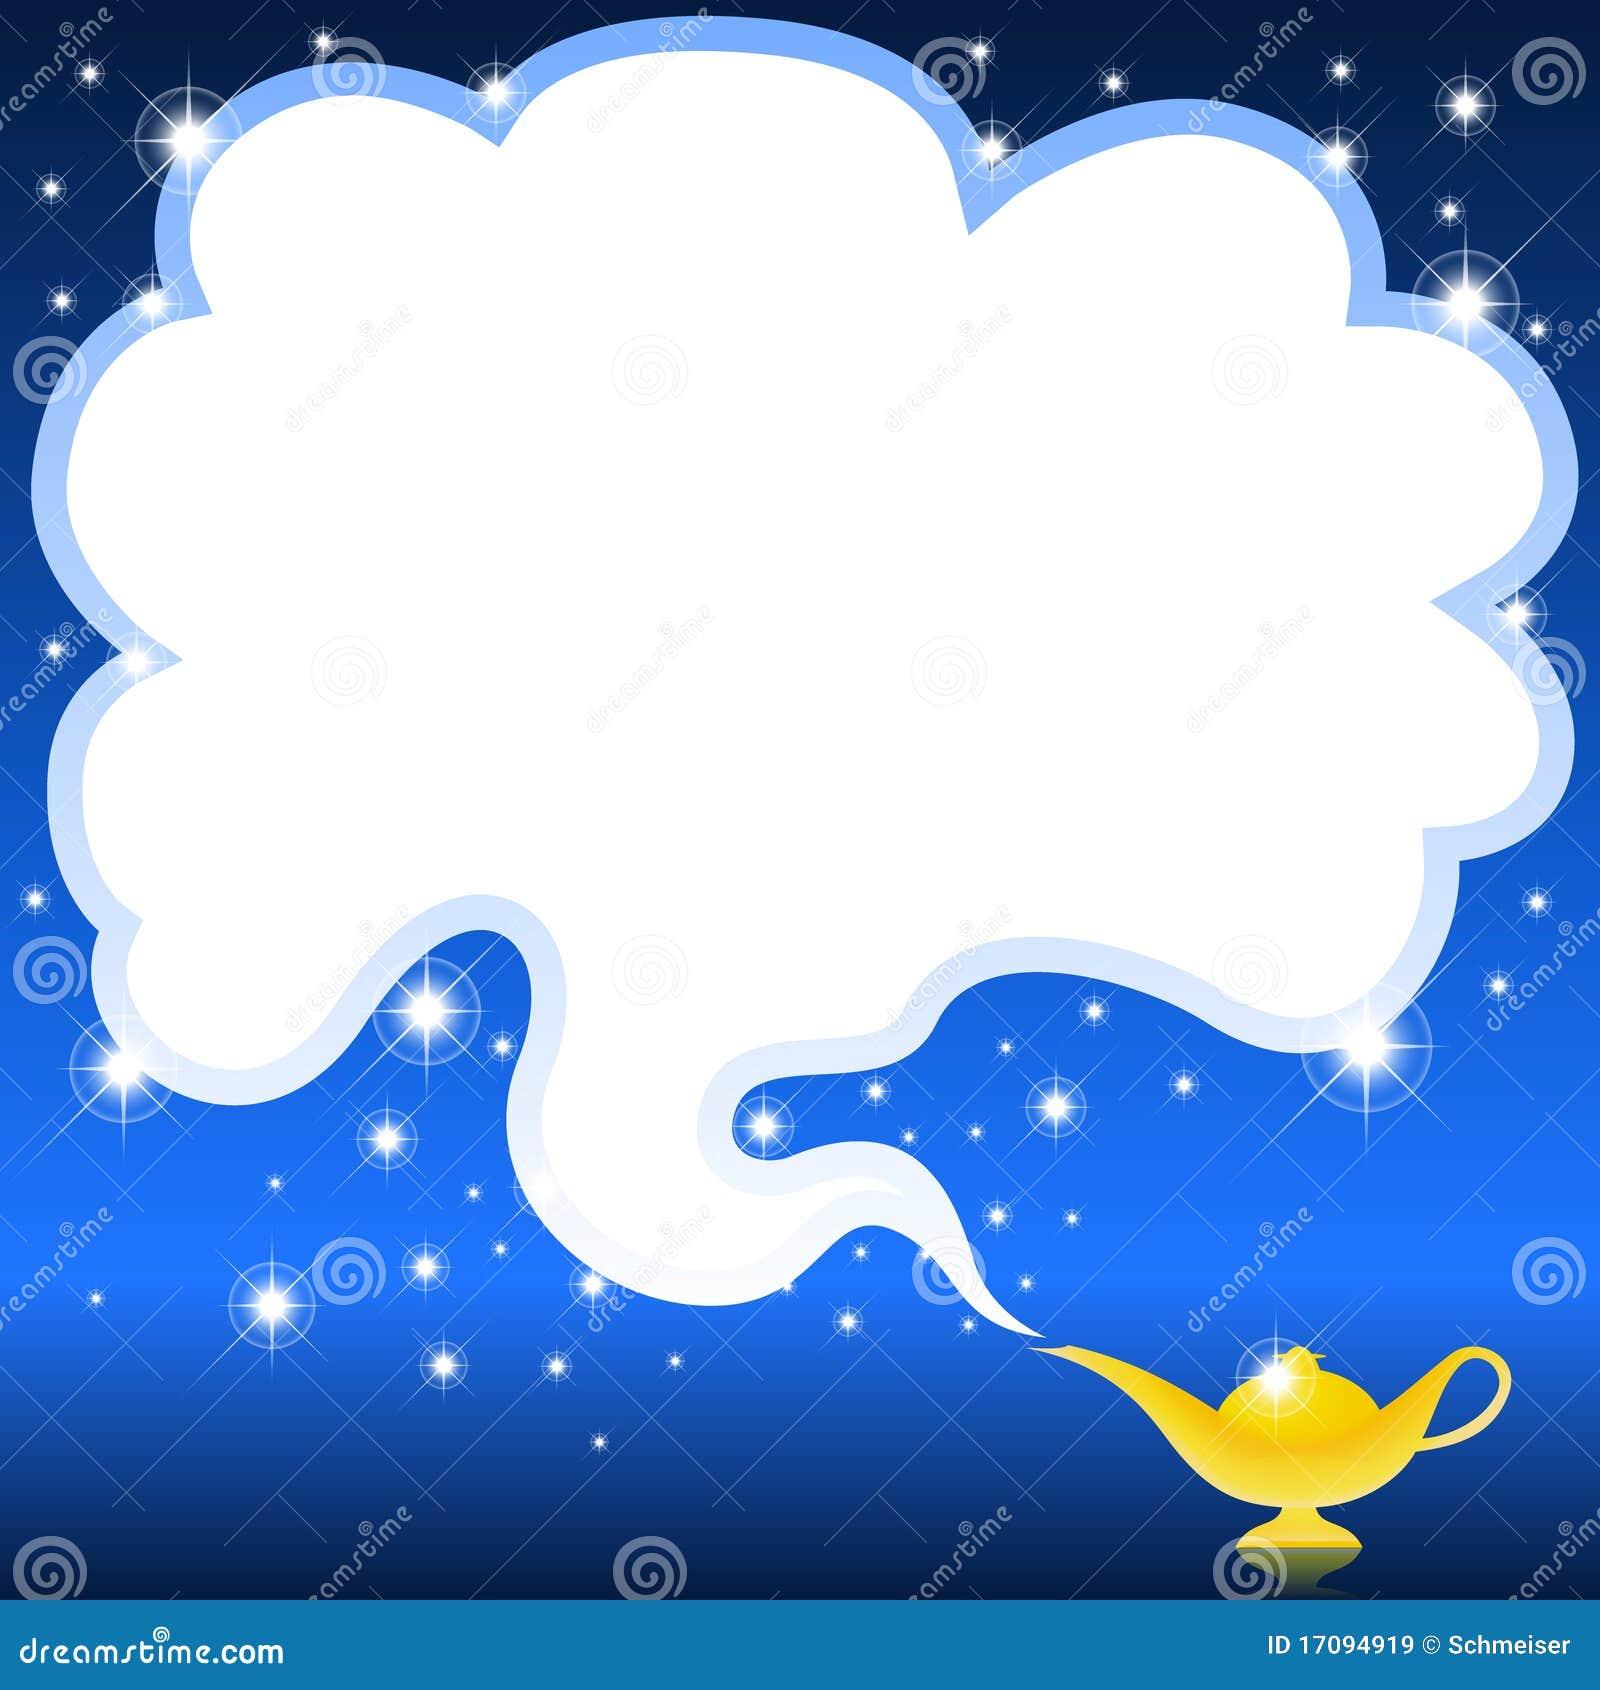 Lampe Magique De Genie Illustration De Vecteur Illustration Du Reve